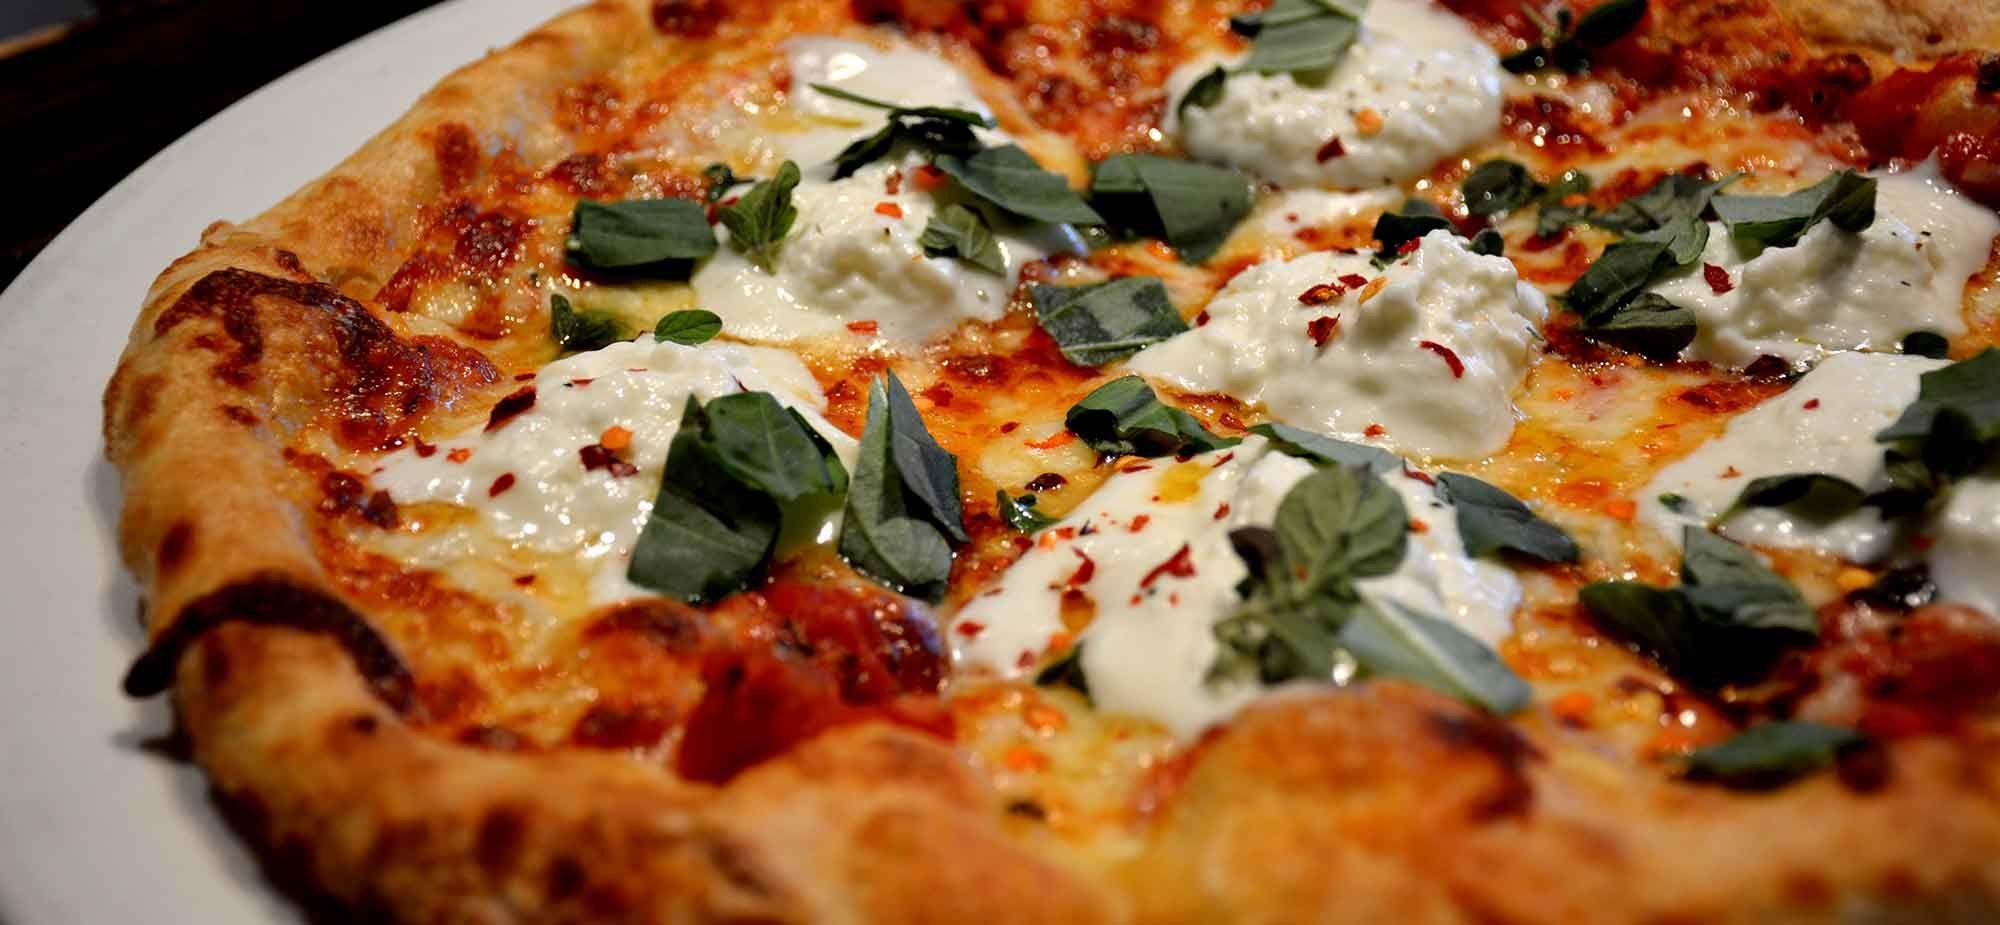 Italian Kitchen Bakery Lounge Best Italian Restaurants Italian Restaurant Pasadena Restaurants